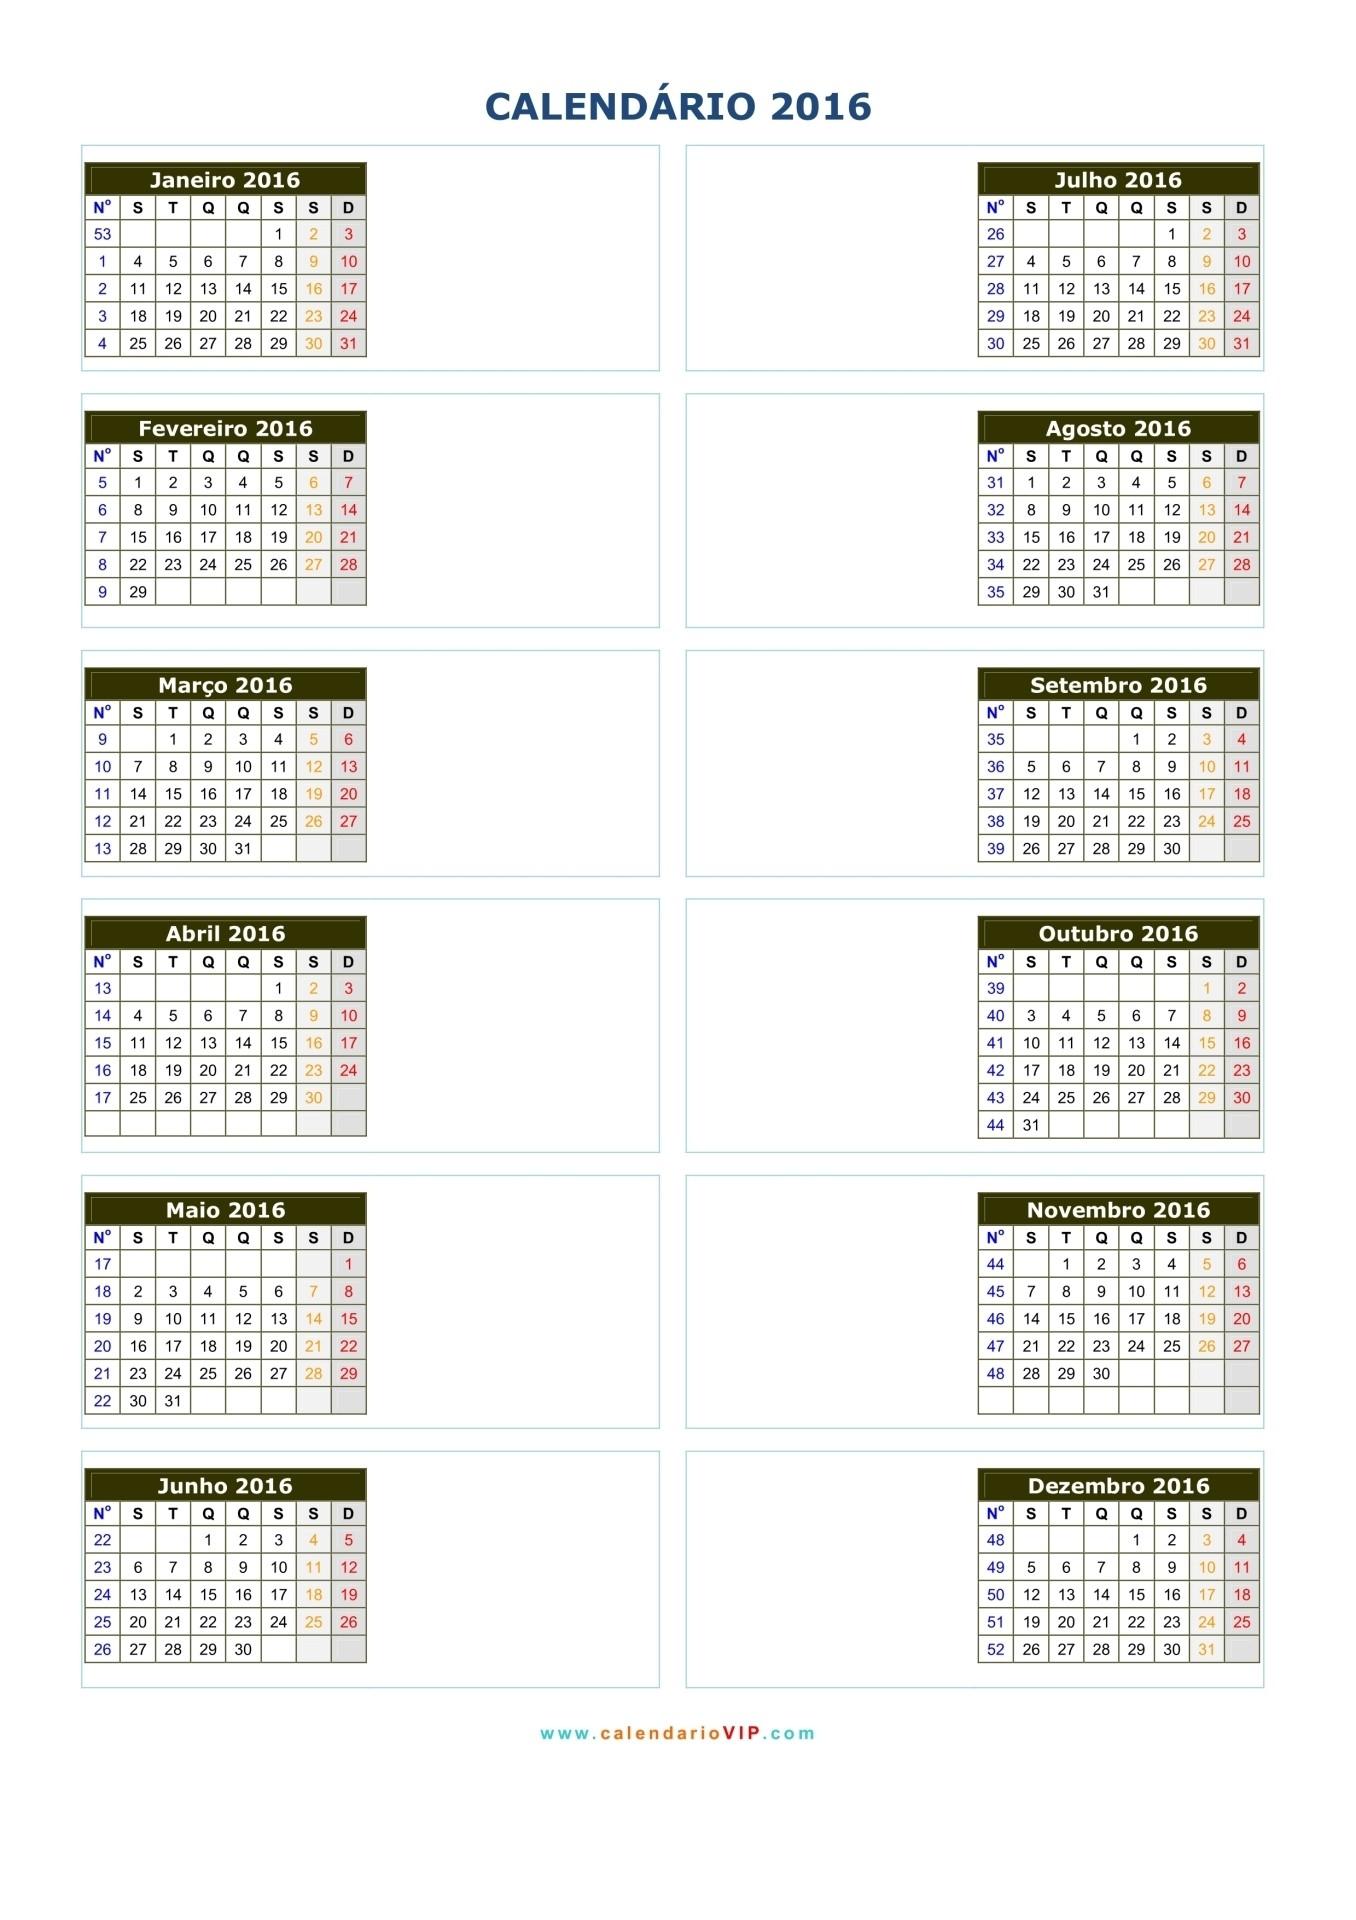 Calendário 2019 Com Feriados Goiania Más Actual Calendario Novembro 2018 Imprimir T Of Calendário 2019 Com Feriados Goiania Actual Calendario Novembro 2018 Imprimir T